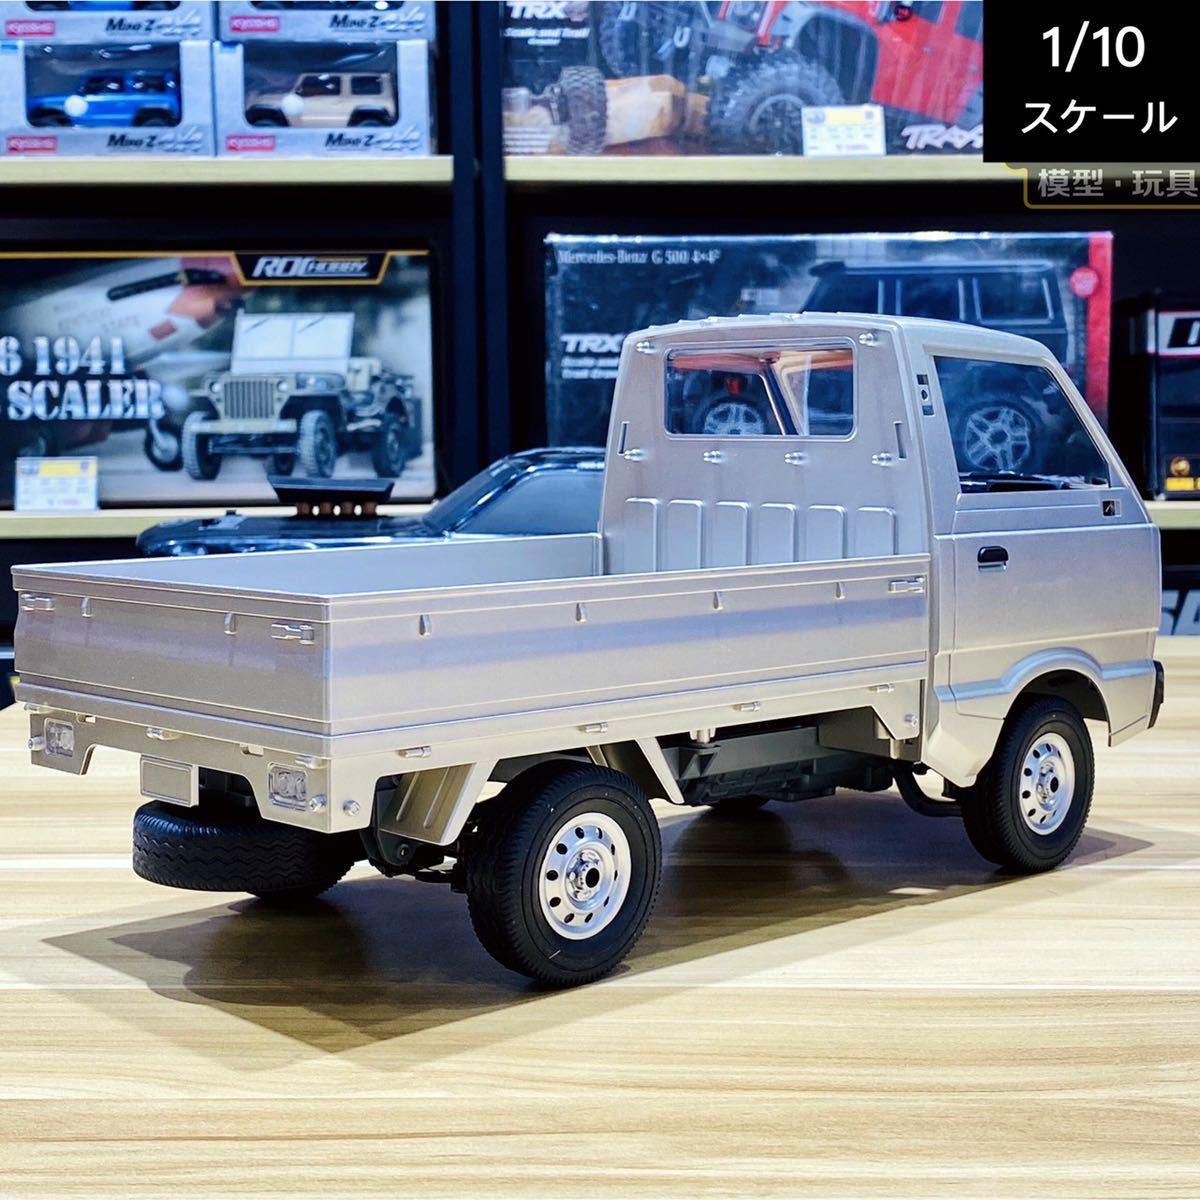 WPL 軽トラ ラジコンカー 1/10 全2種 RTR ミッドシップ MR 軽トラック RC 車 トラック 2WD リヤ駆動 D-12型 バッテリー付 ドリフト可能_画像4